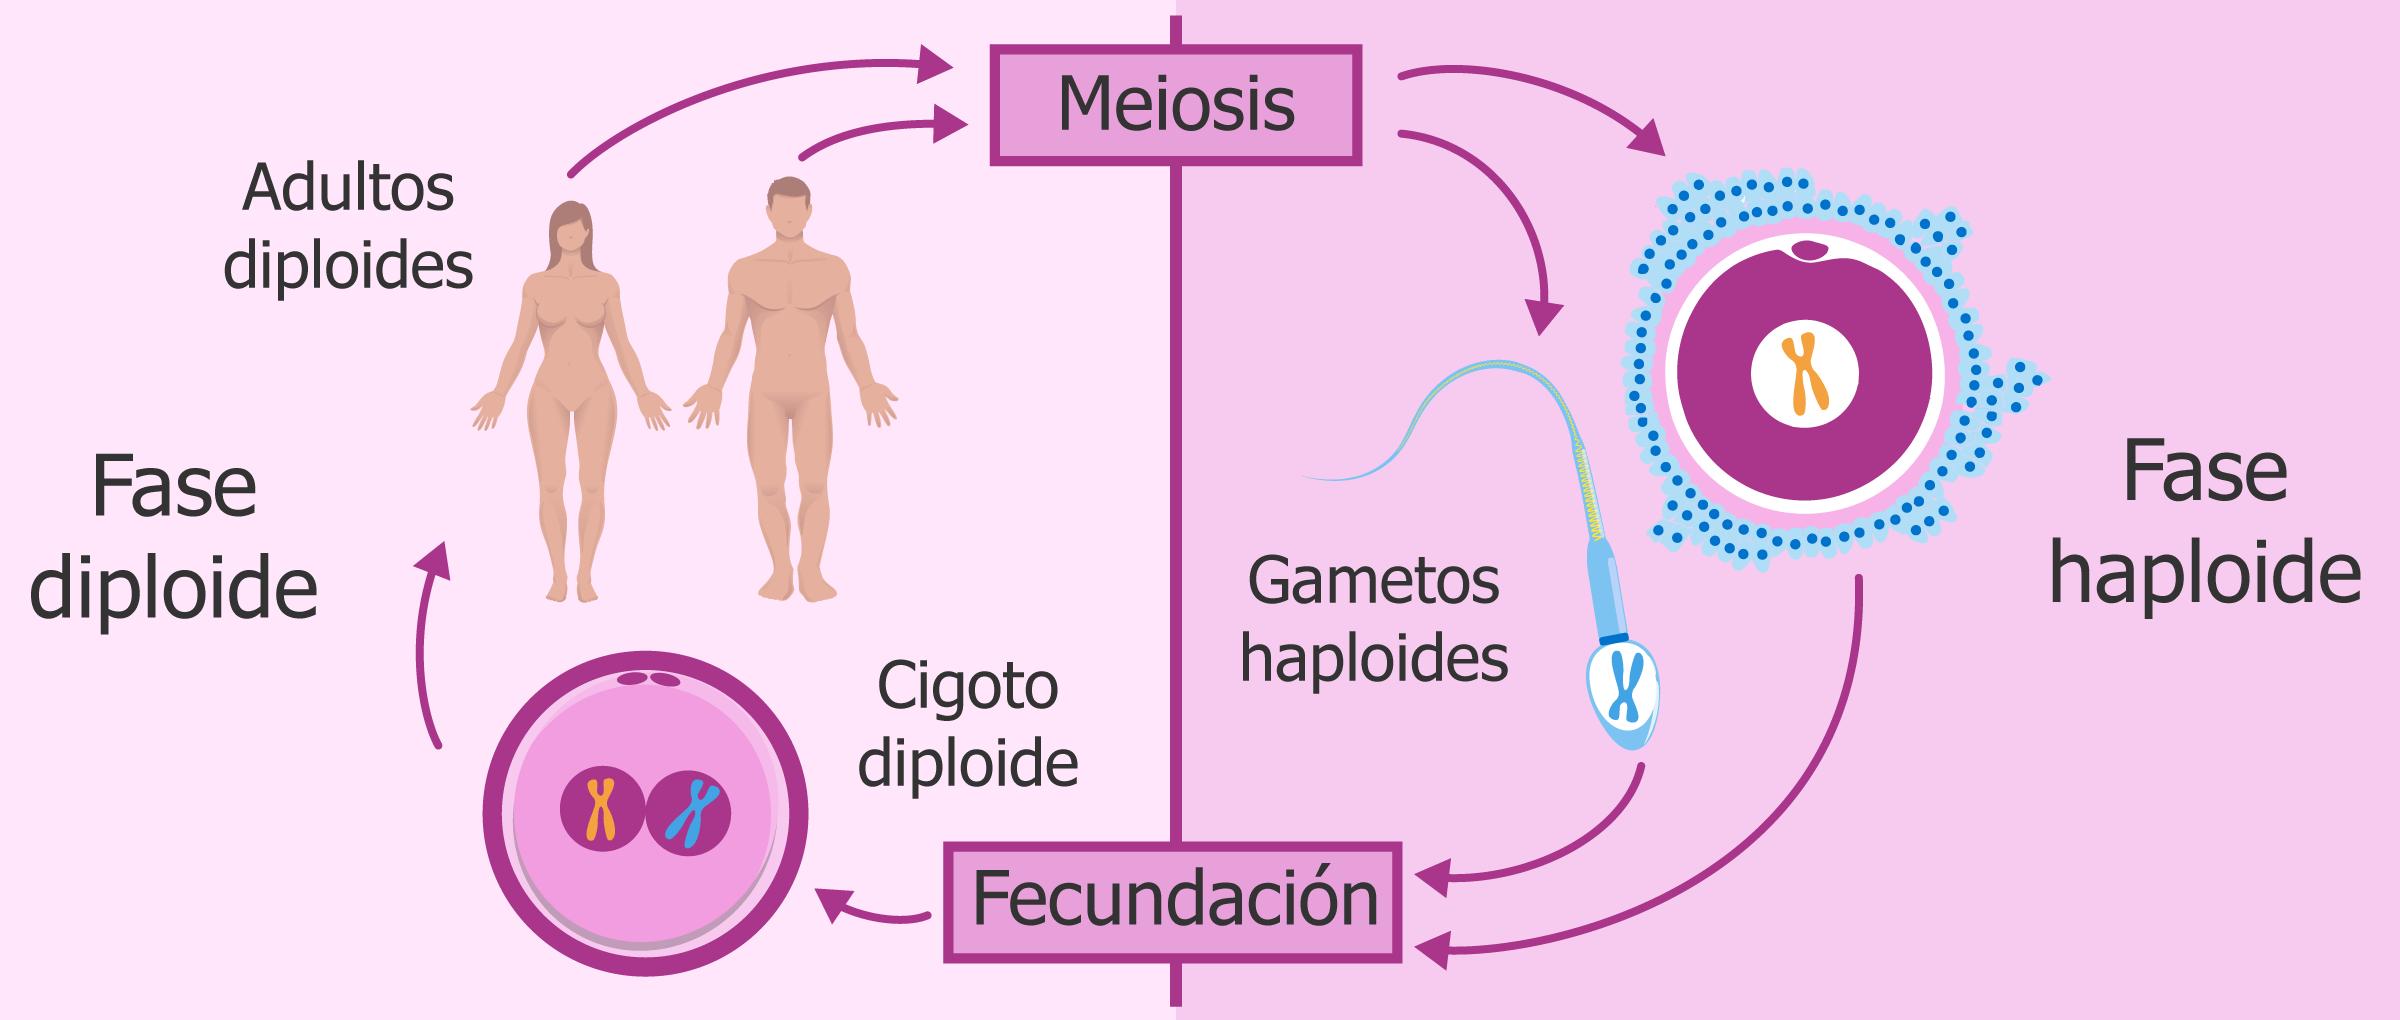 Genética de la fertilidad